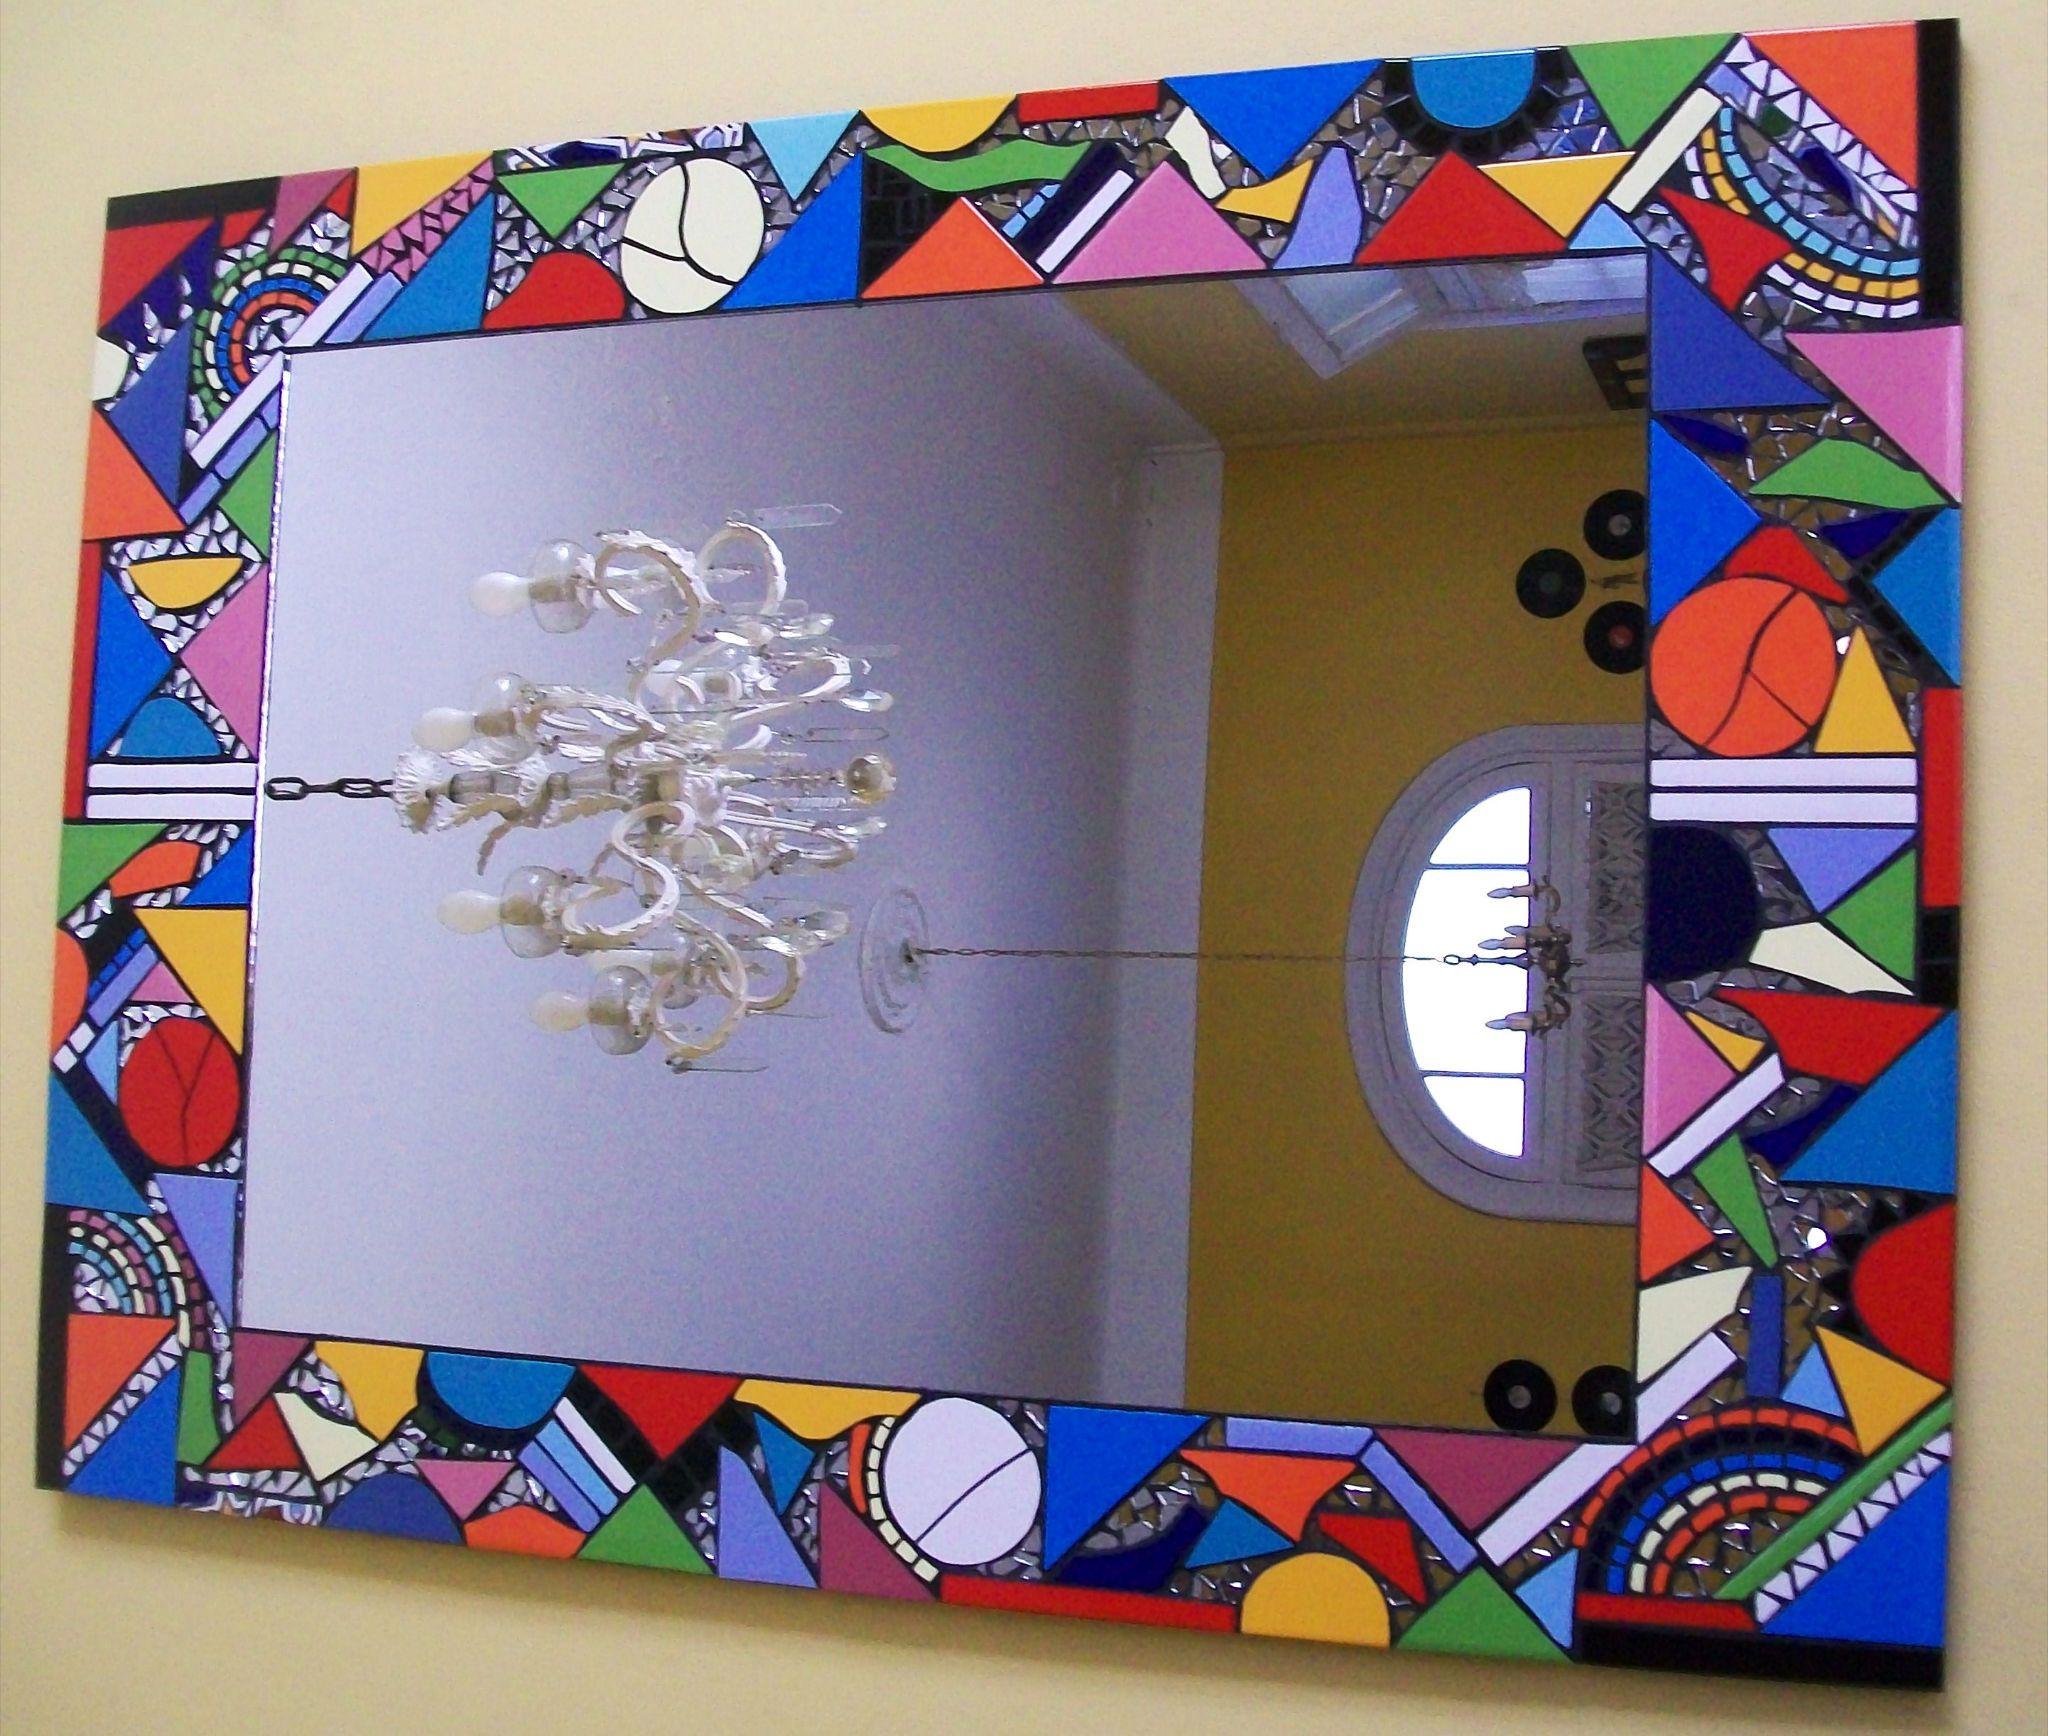 Espejo con mosaicos 70 x 96 en venta 850 for Espejo 70 mendoza